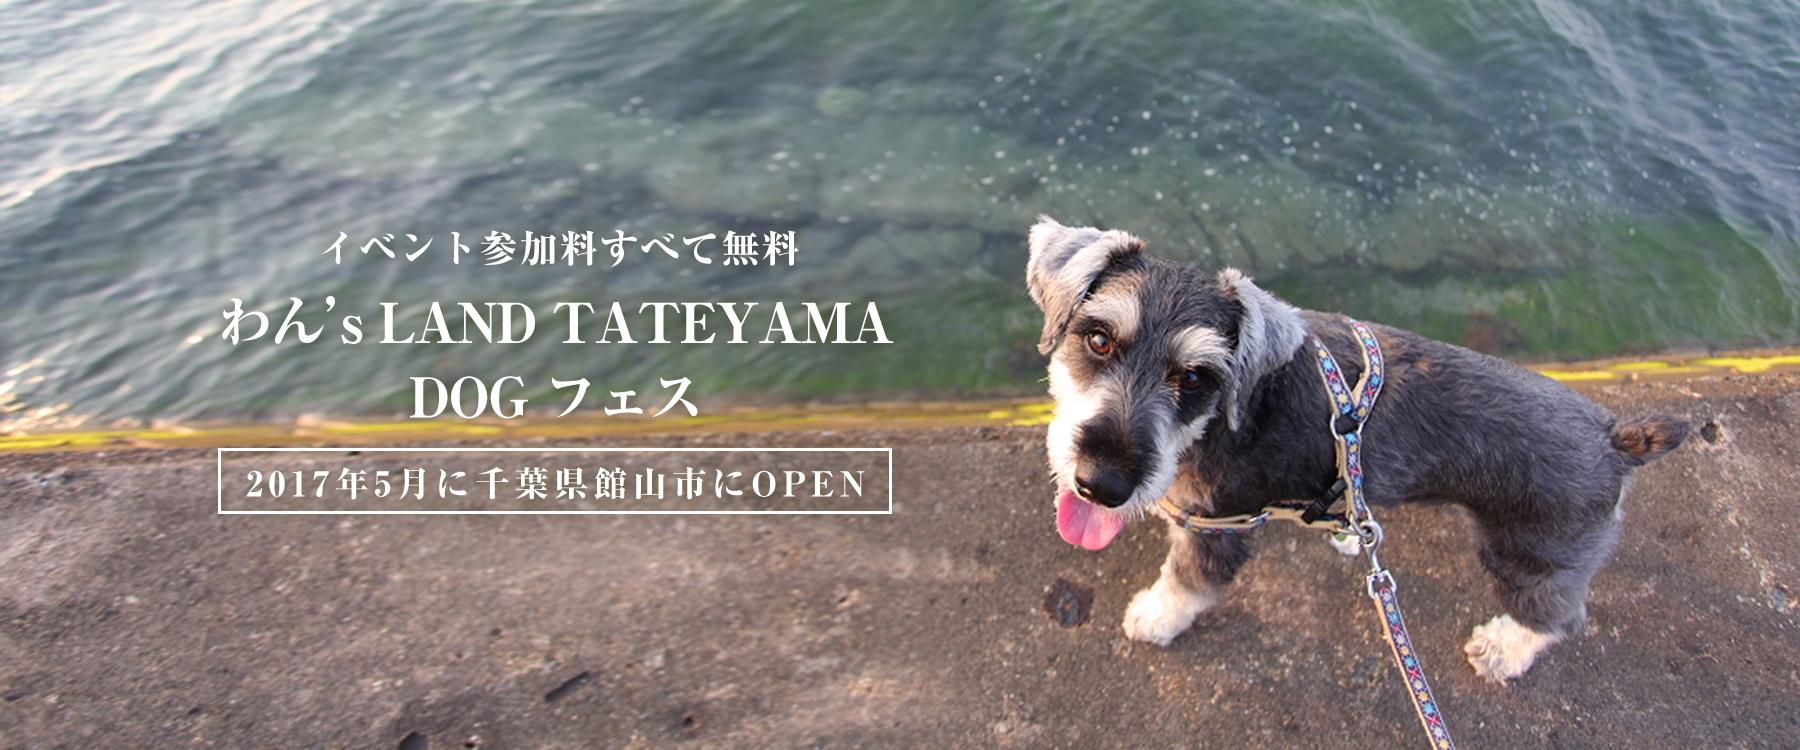 わん's LAND TATEYAMA愛犬撮影会